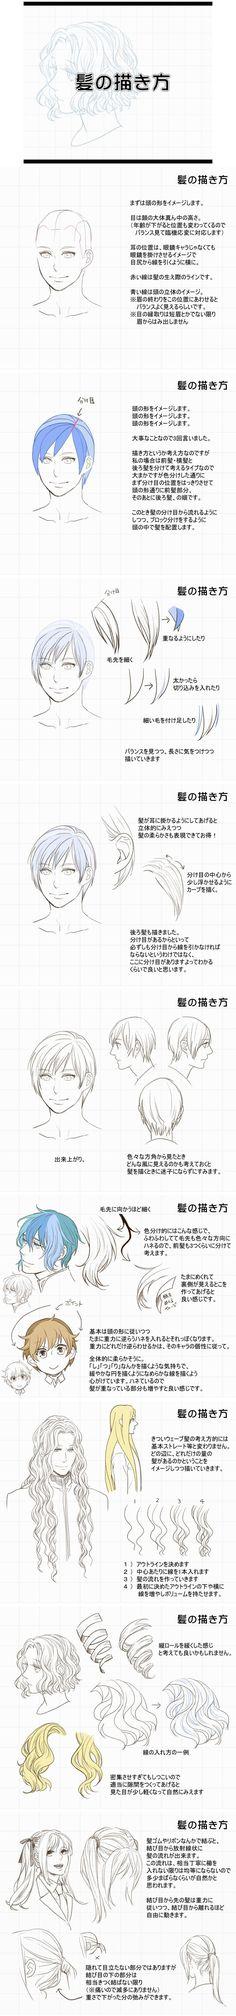 髪の描き方 [10]